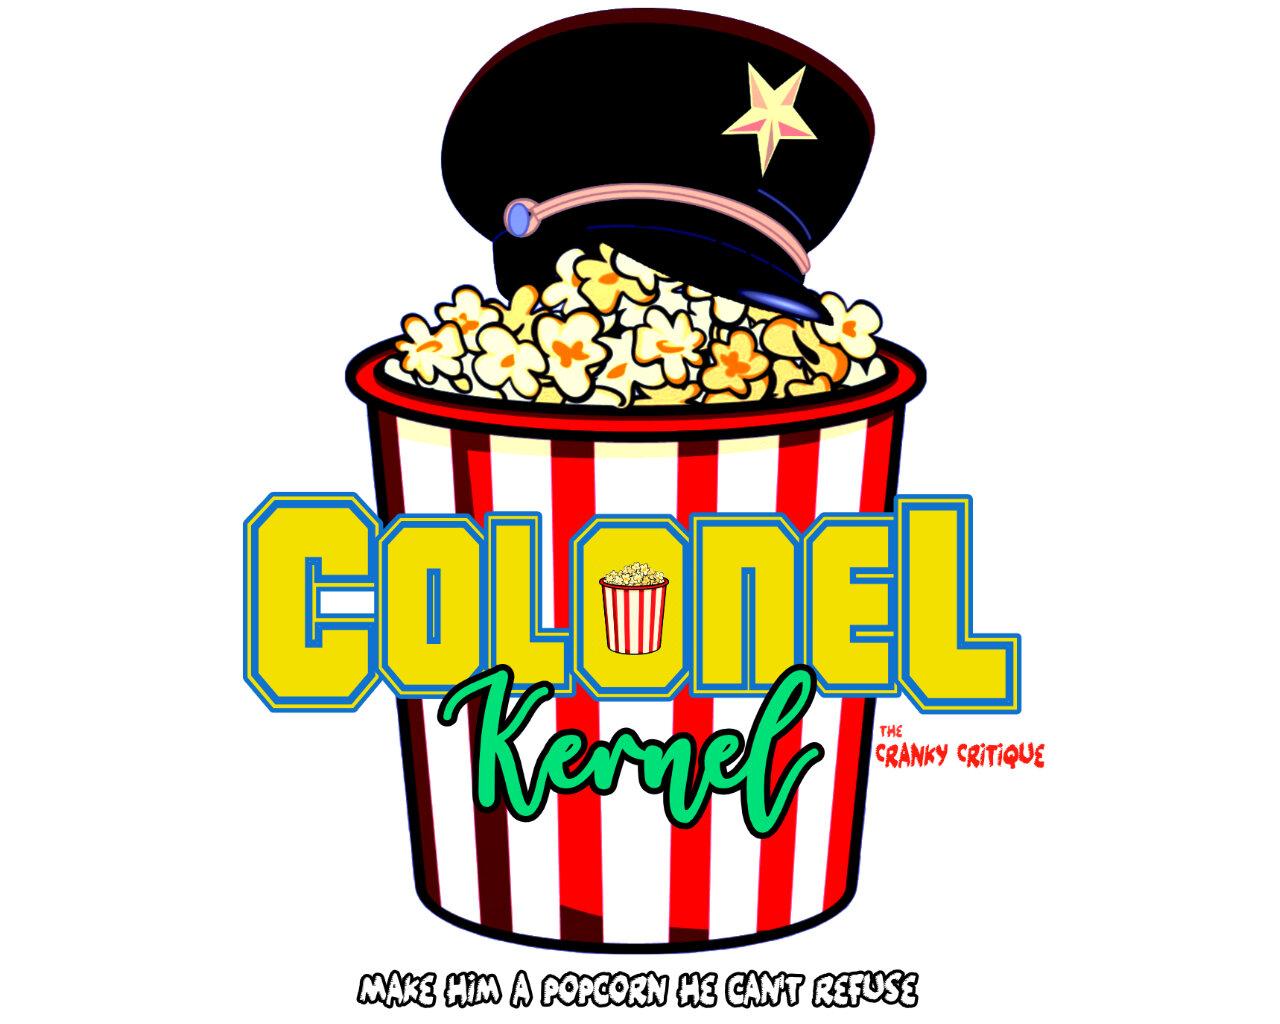 COLONEL KERNEL Popcorn Square Logo.jpg